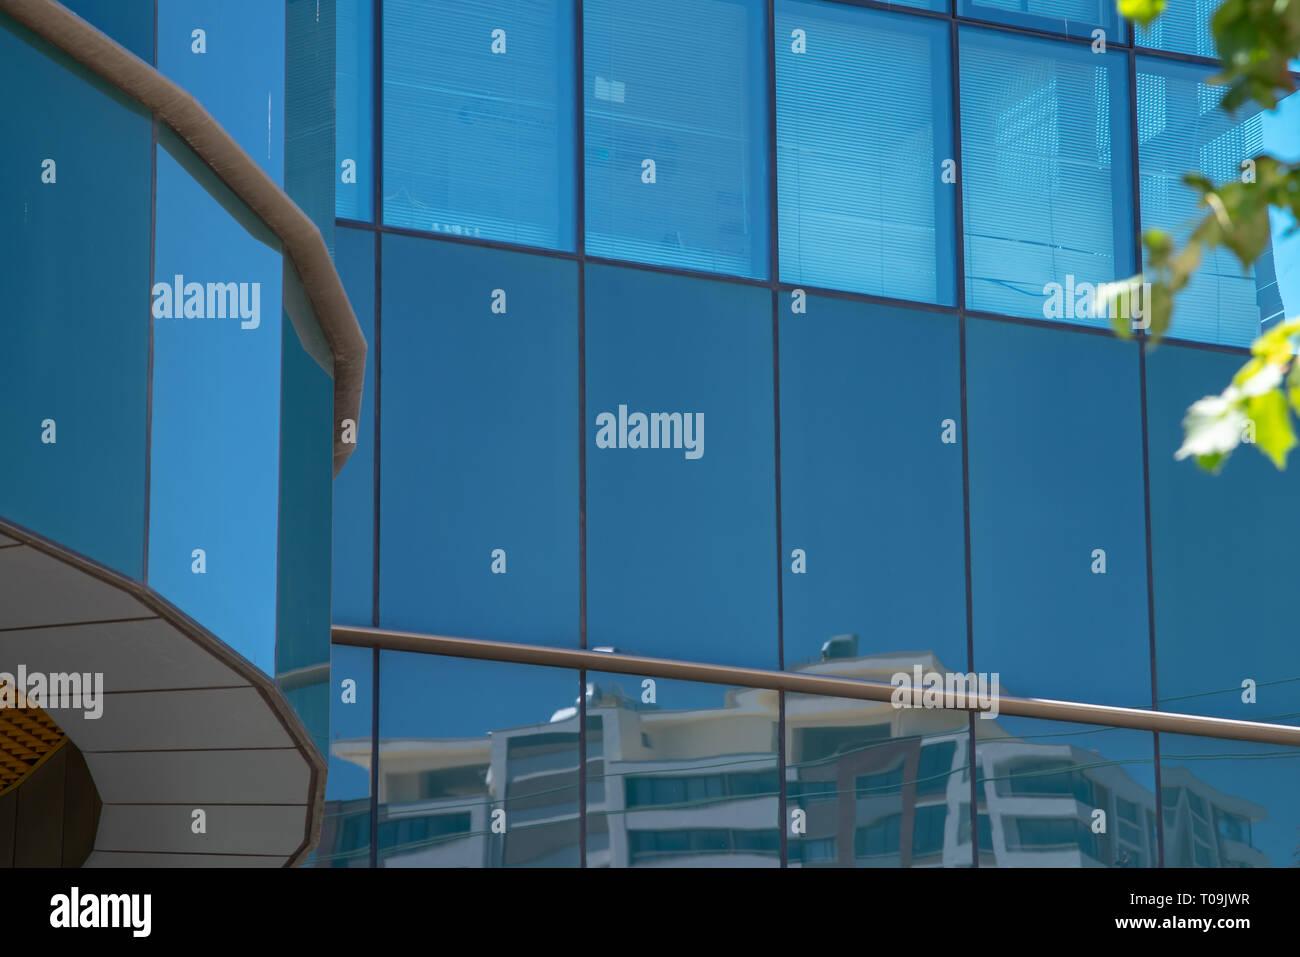 Spiegelungen in einem Bürohaus irgendwo in Concepcion. - Stock Image